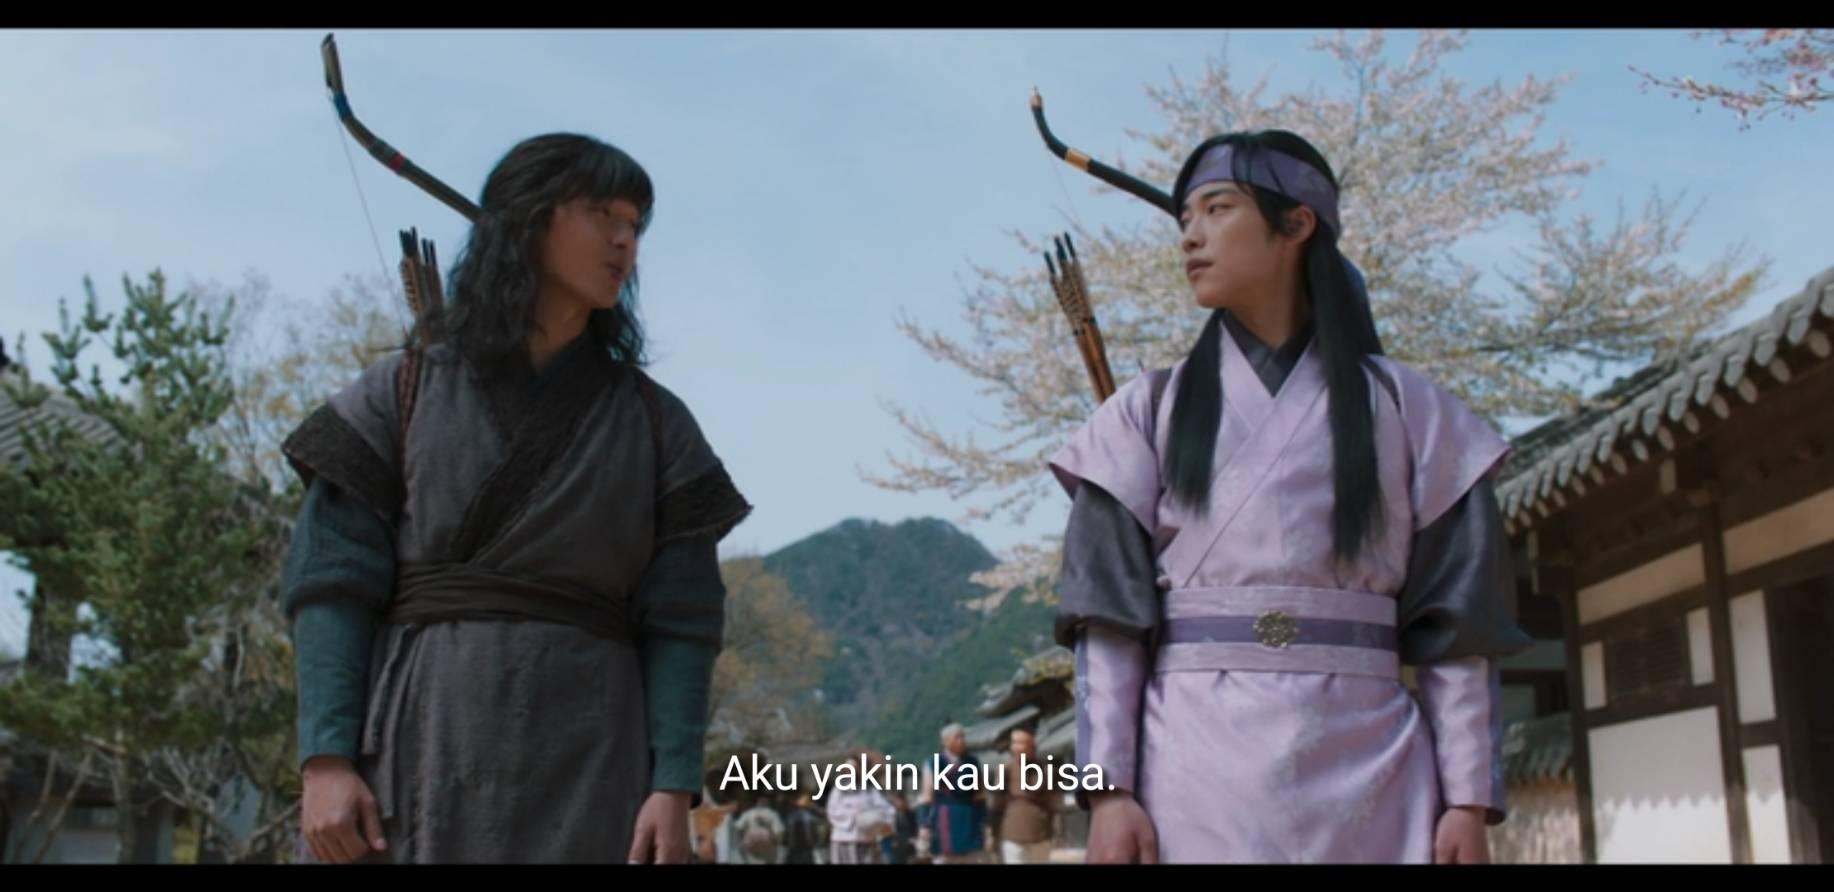 pojok-drama-my-country-makna-patriot-dan-persahabatan-salam-korea-8